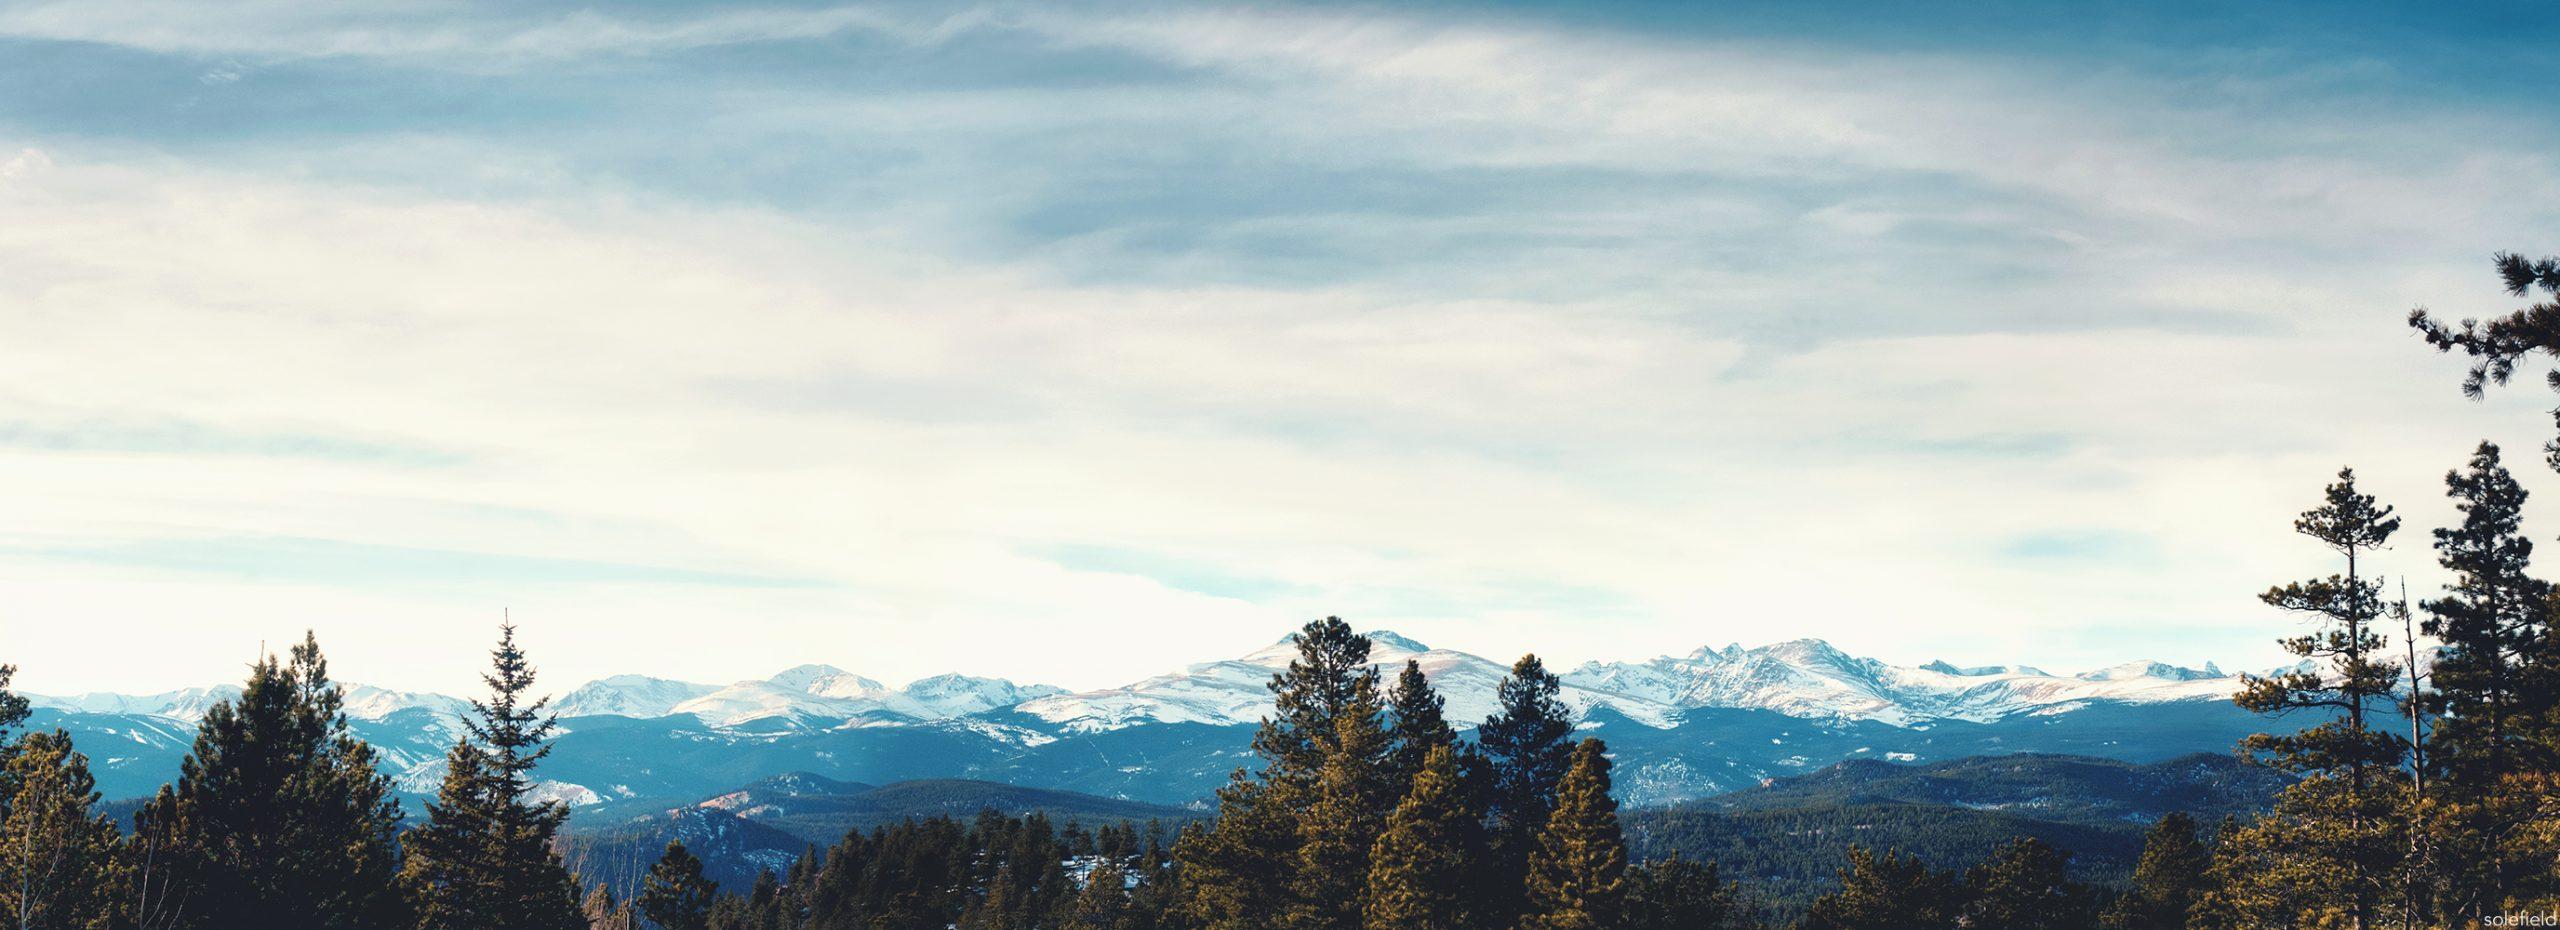 Colorado Mountain Panorama